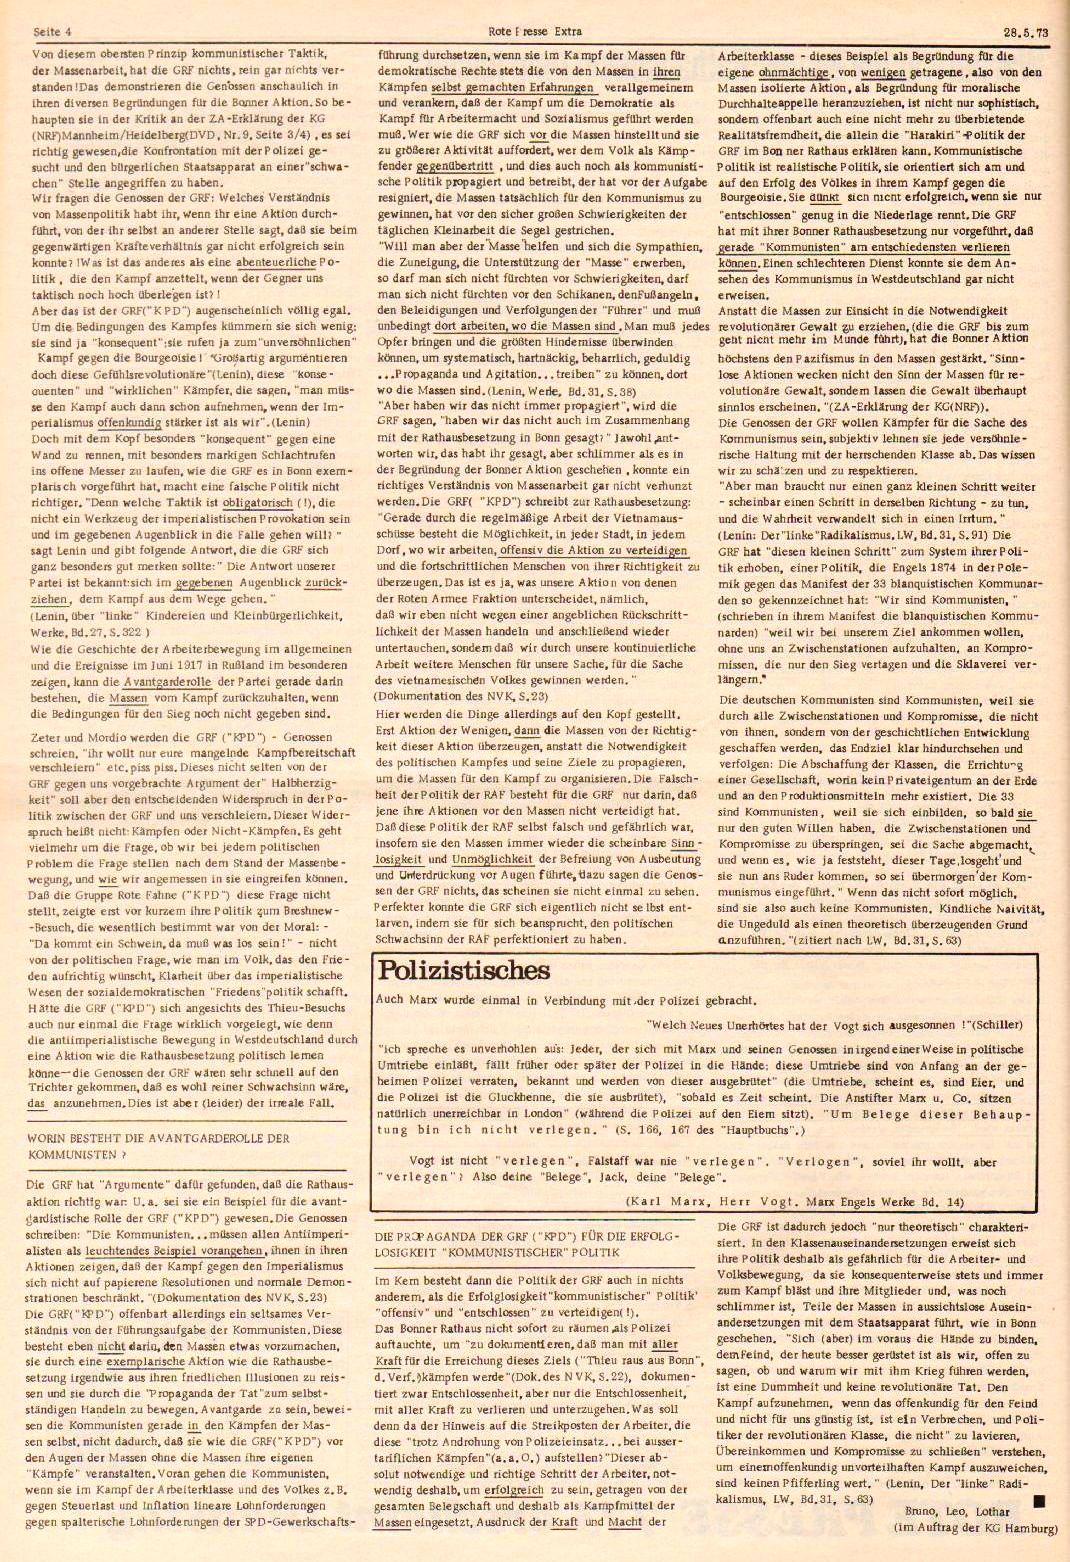 Hamburg_Rote_Presse195